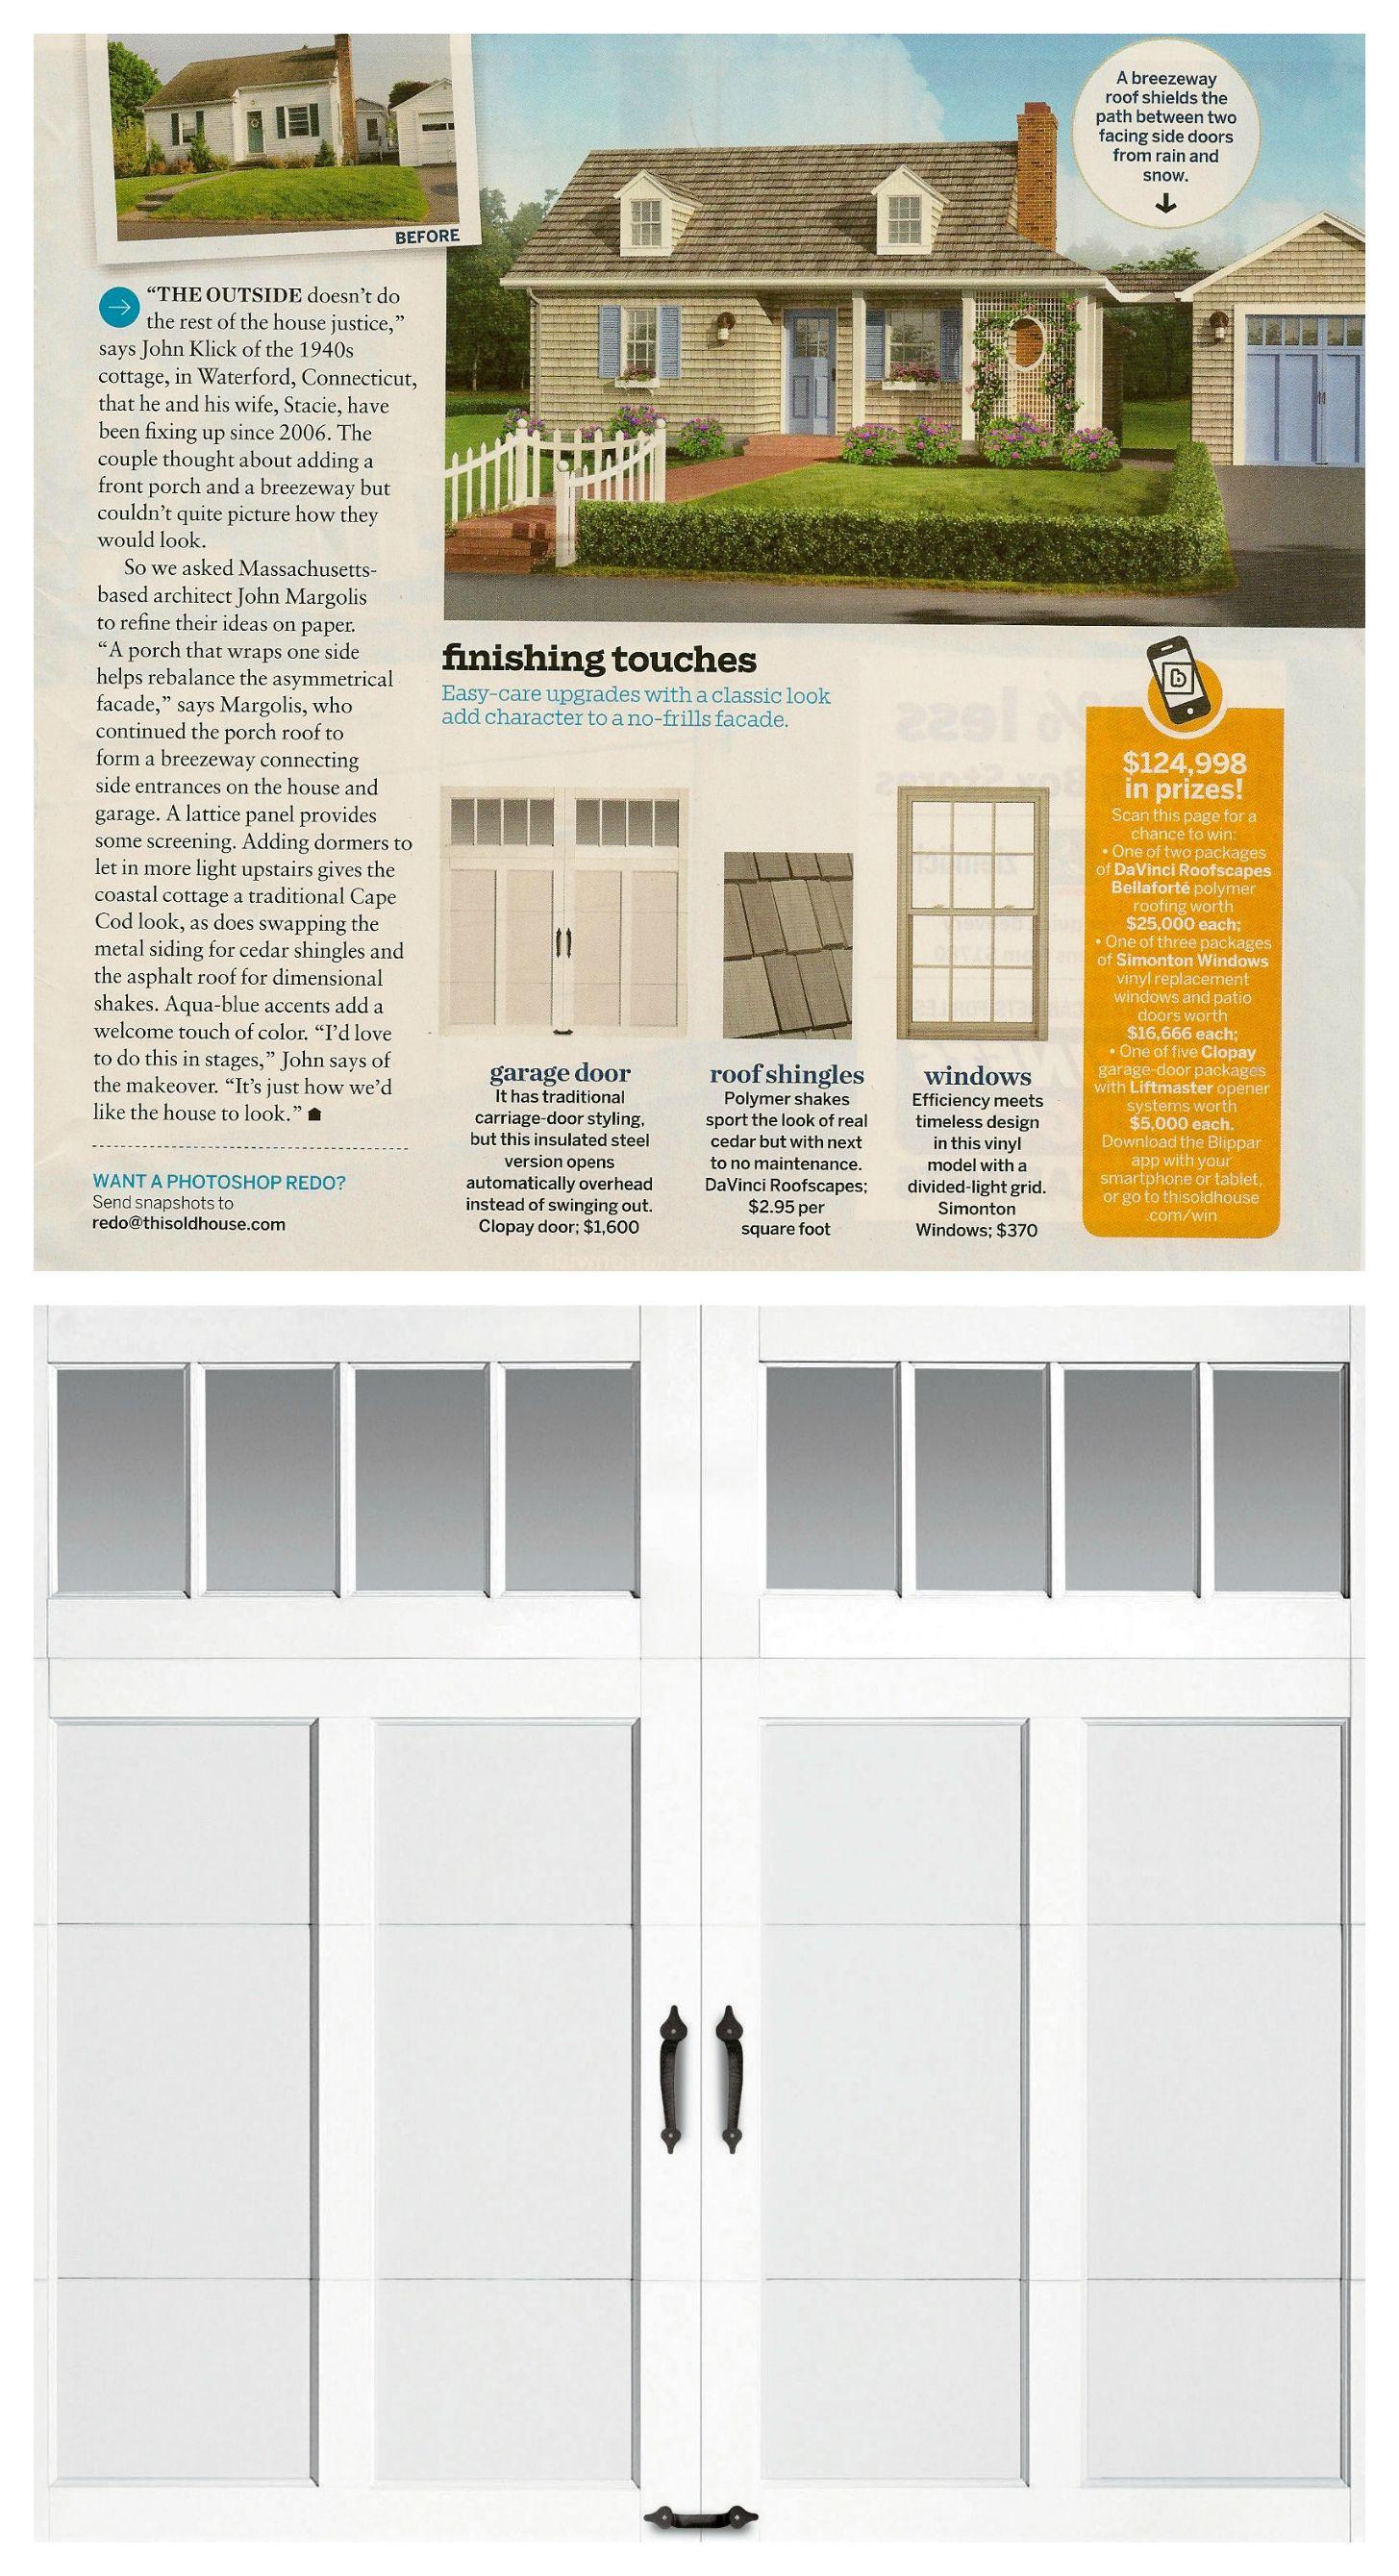 Steel Garage Doors Coachman Carriage House Doors Clopay Door Carriage House Doors Garage Doors Garage Door Design